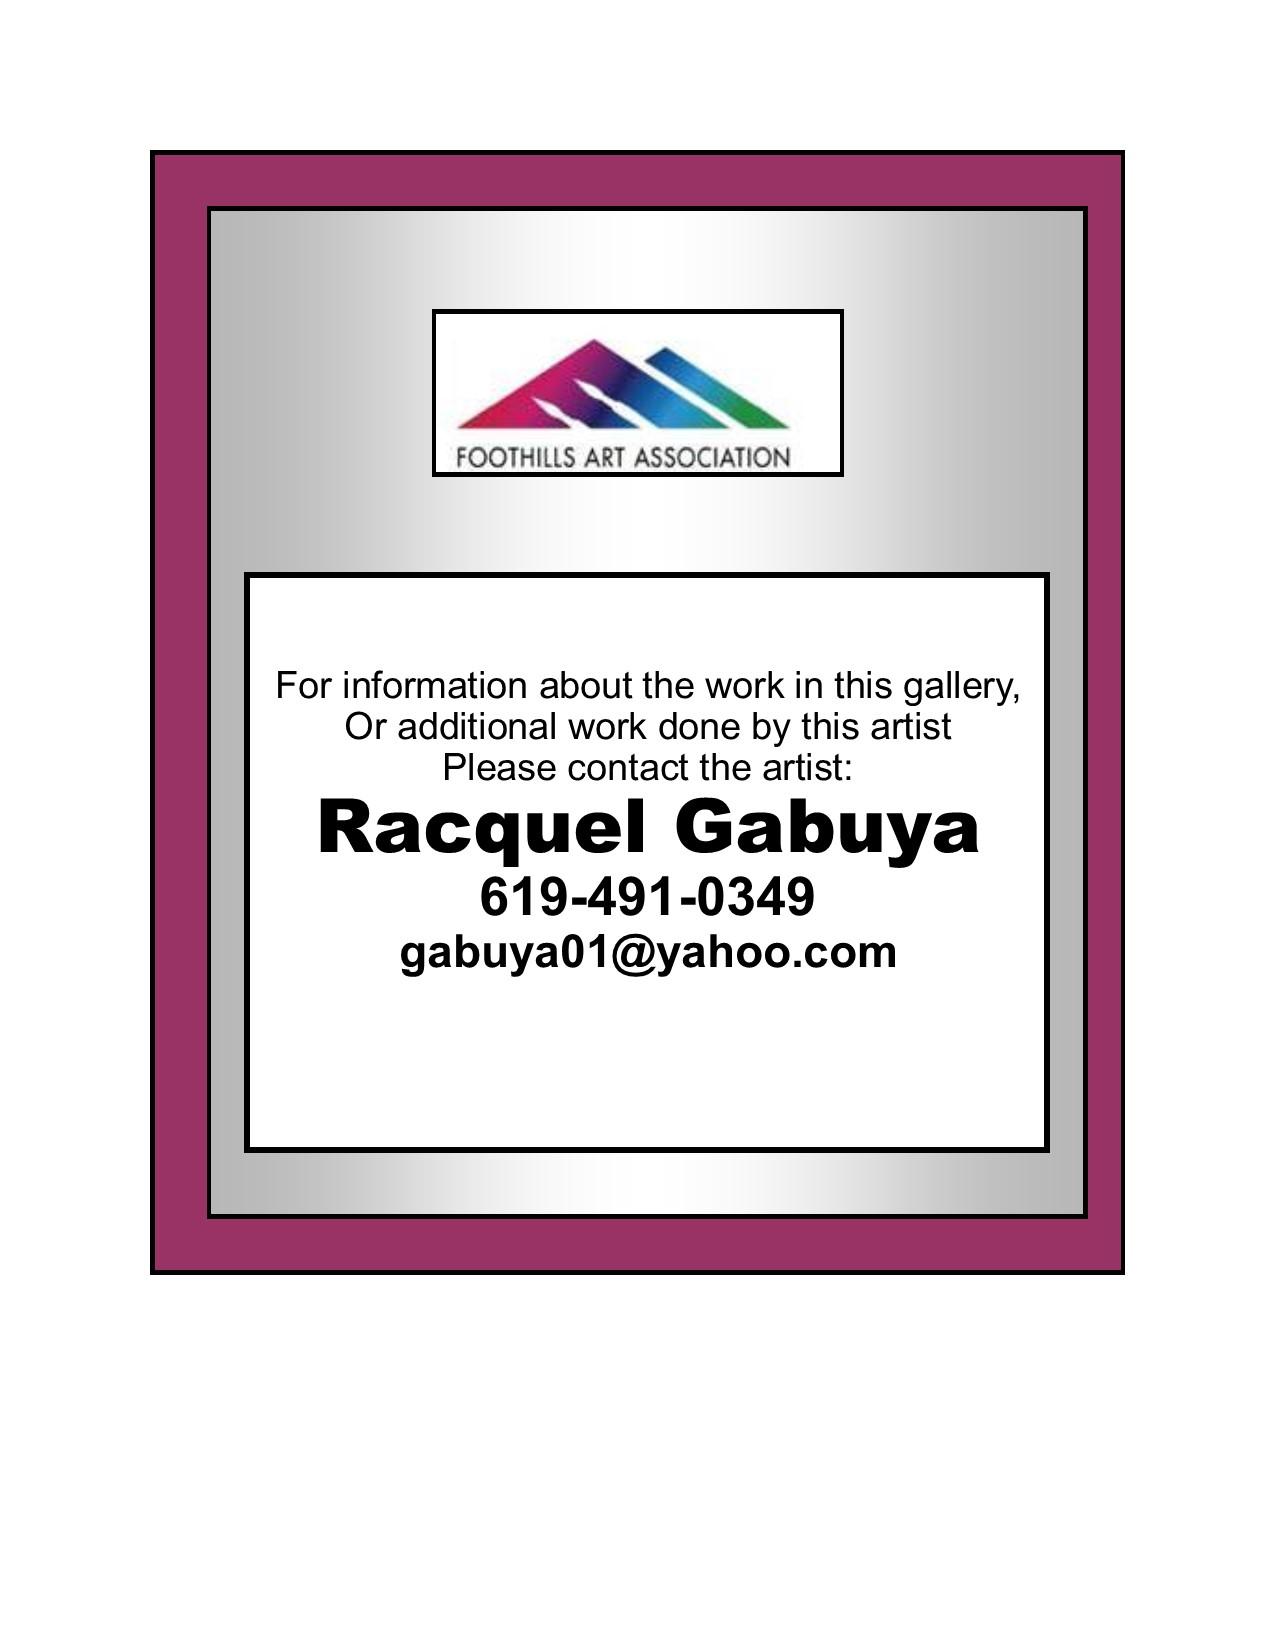 Racquel Gabuya Contact